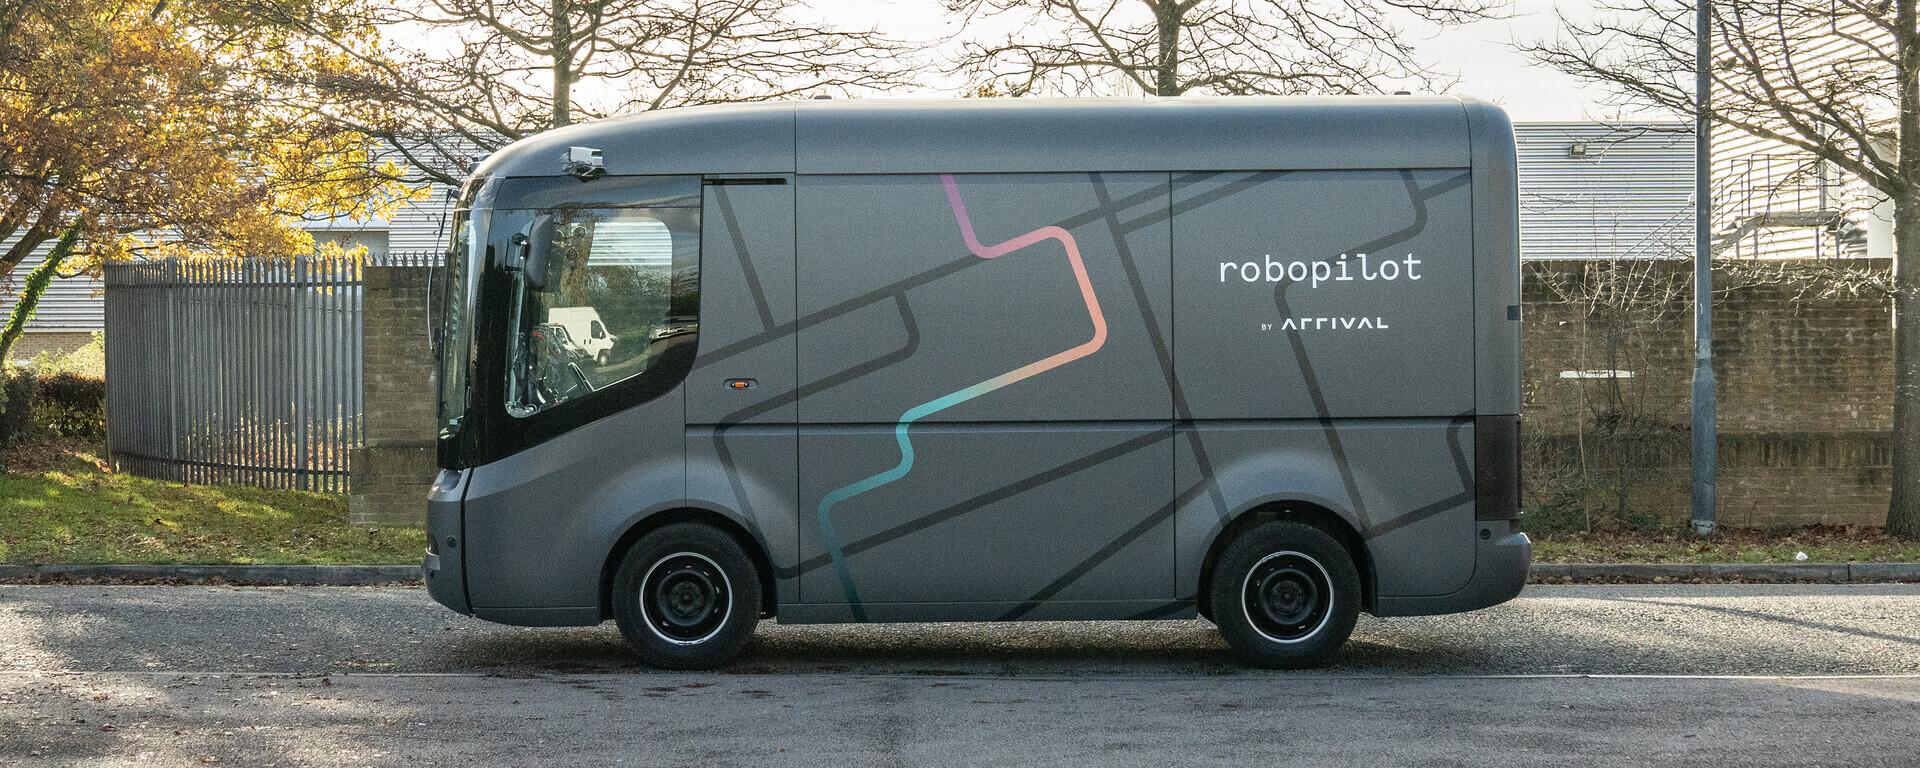 Фургон Arrival совершил первую автономную поездку без водителя